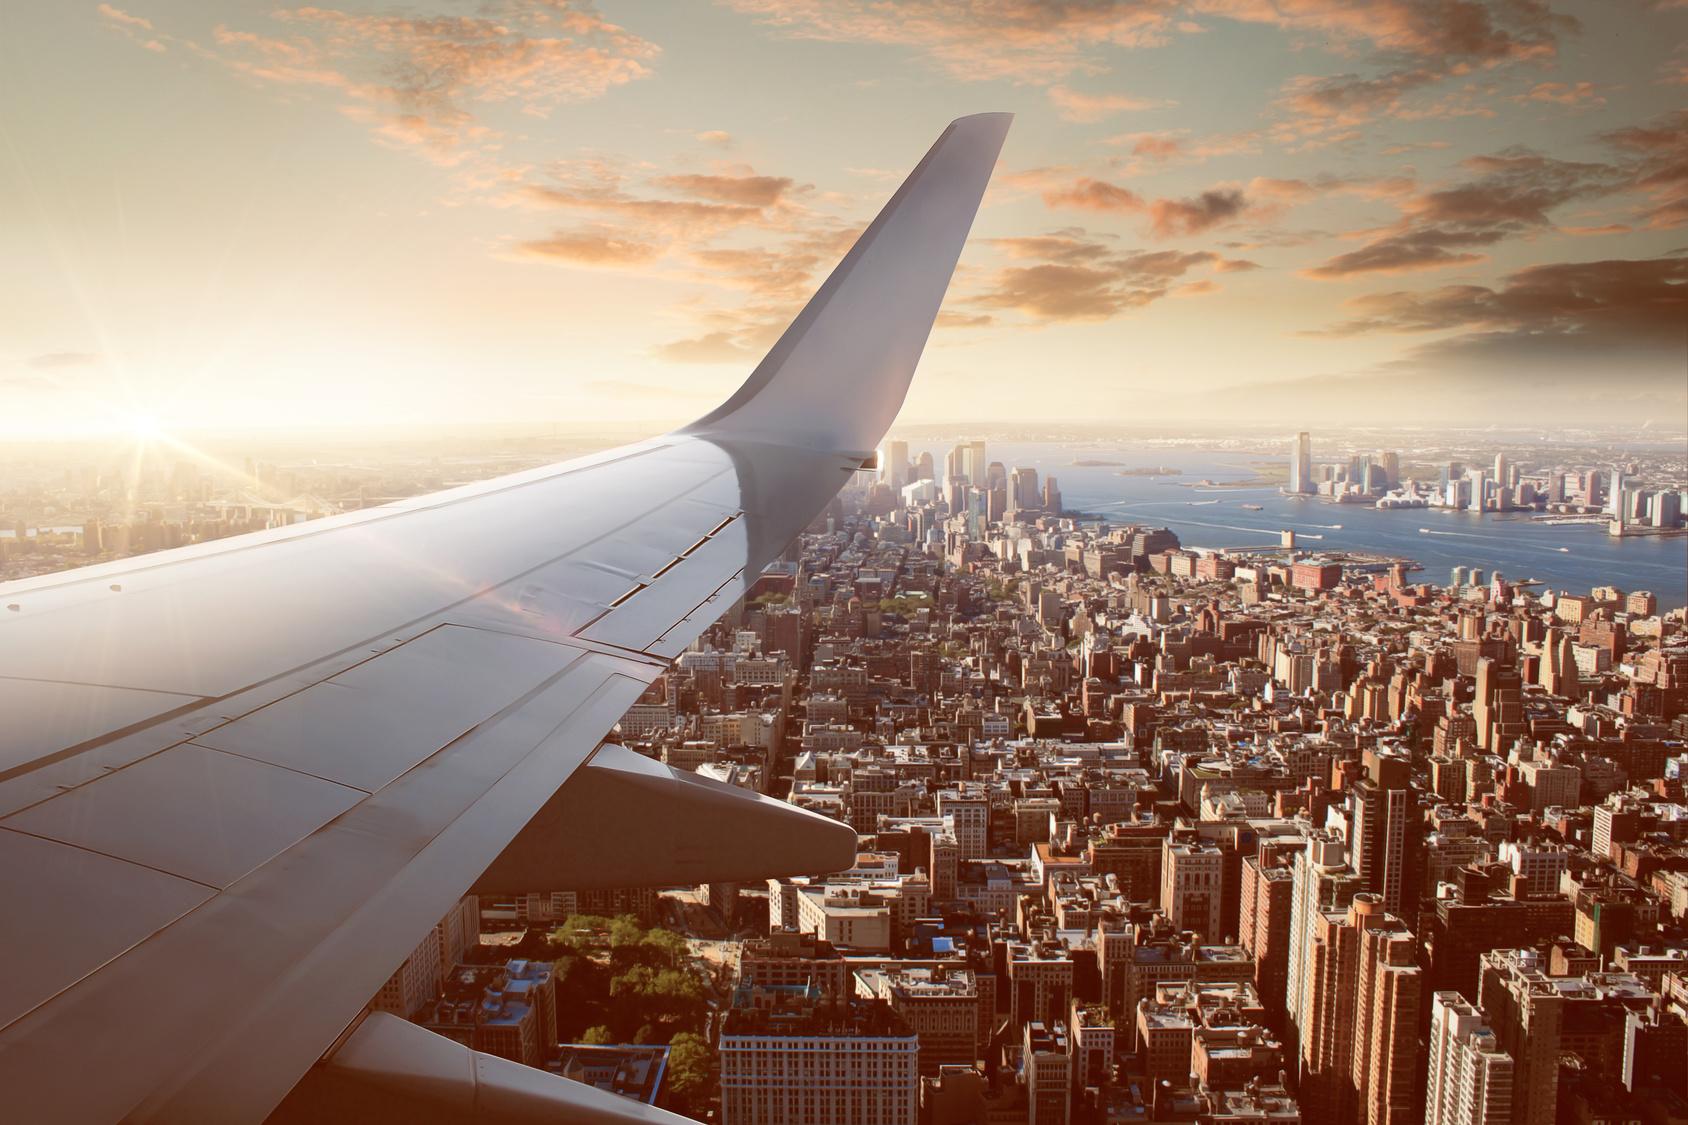 Podróże & Biznes. To jest to! Biuro podróży Goforworld by Kuźniar